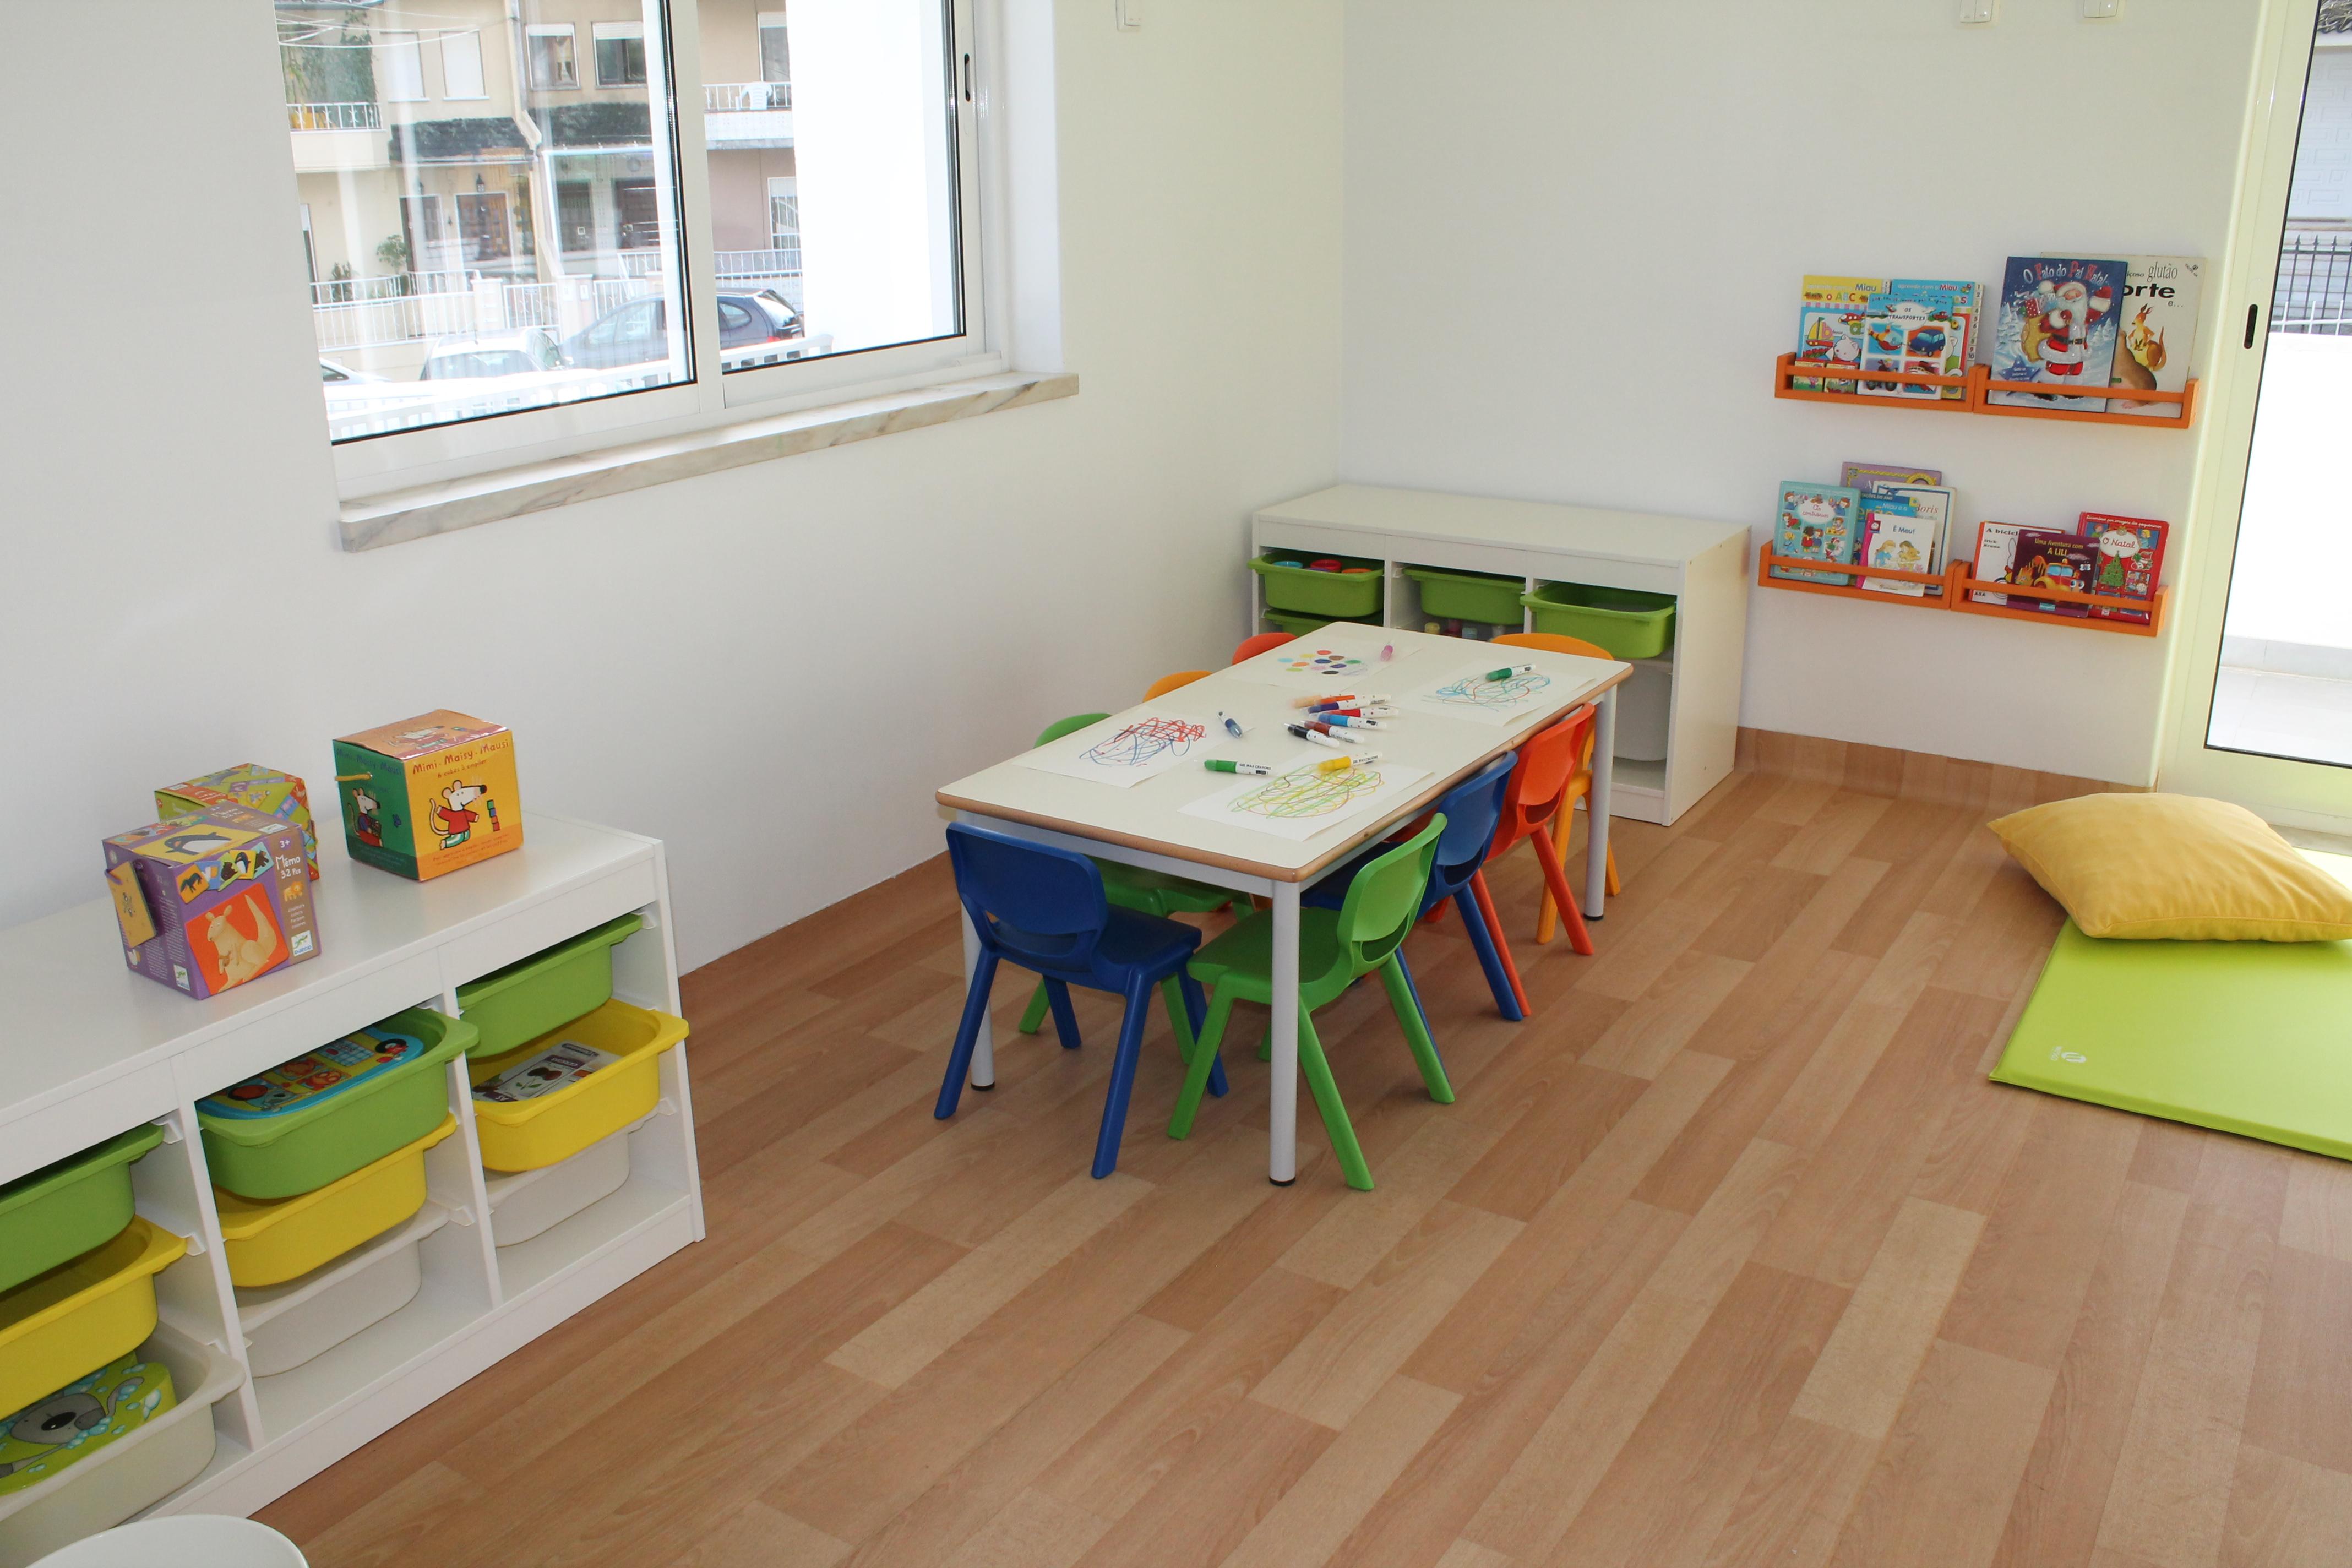 Pinturas e Jogos Sala 2